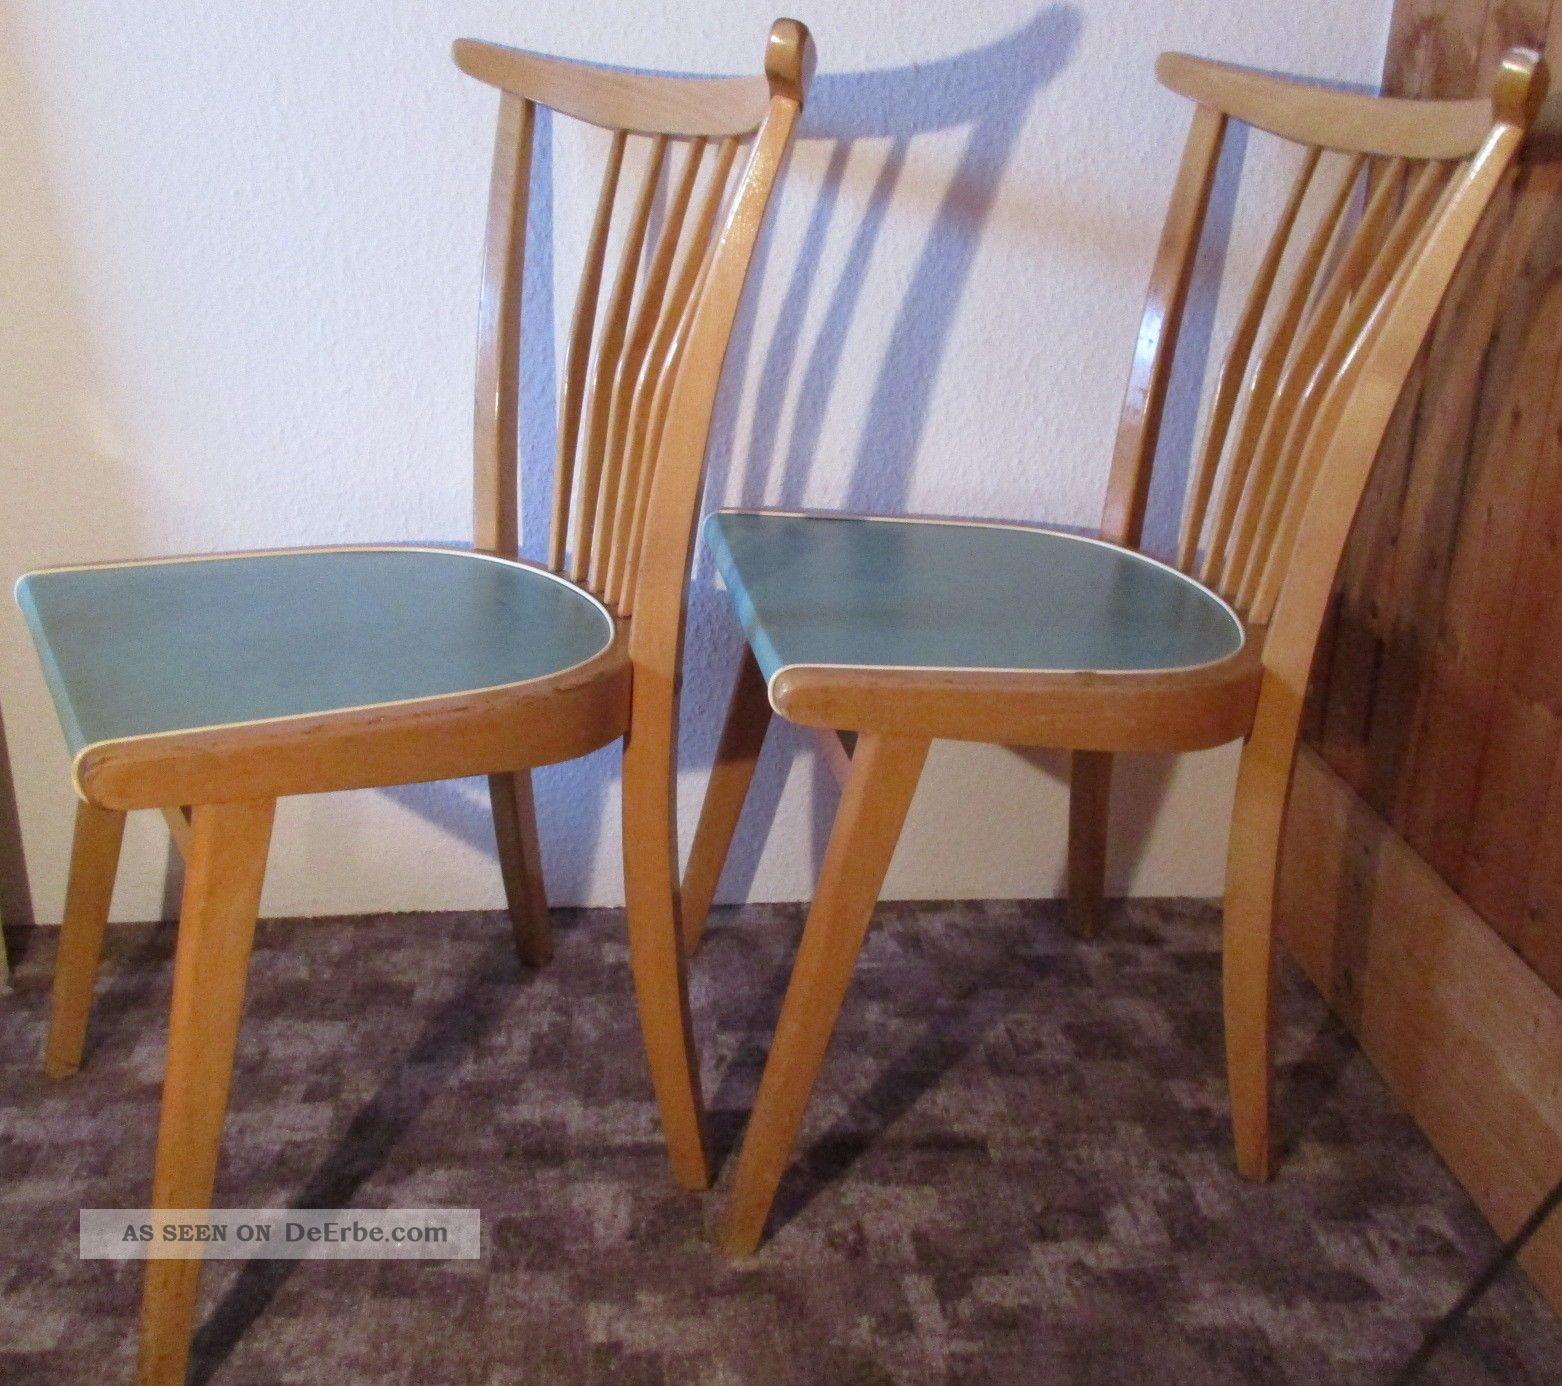 alter k chen stuhl strebenstuhl 50er rockabilly kitchen chair vintage shabby. Black Bedroom Furniture Sets. Home Design Ideas